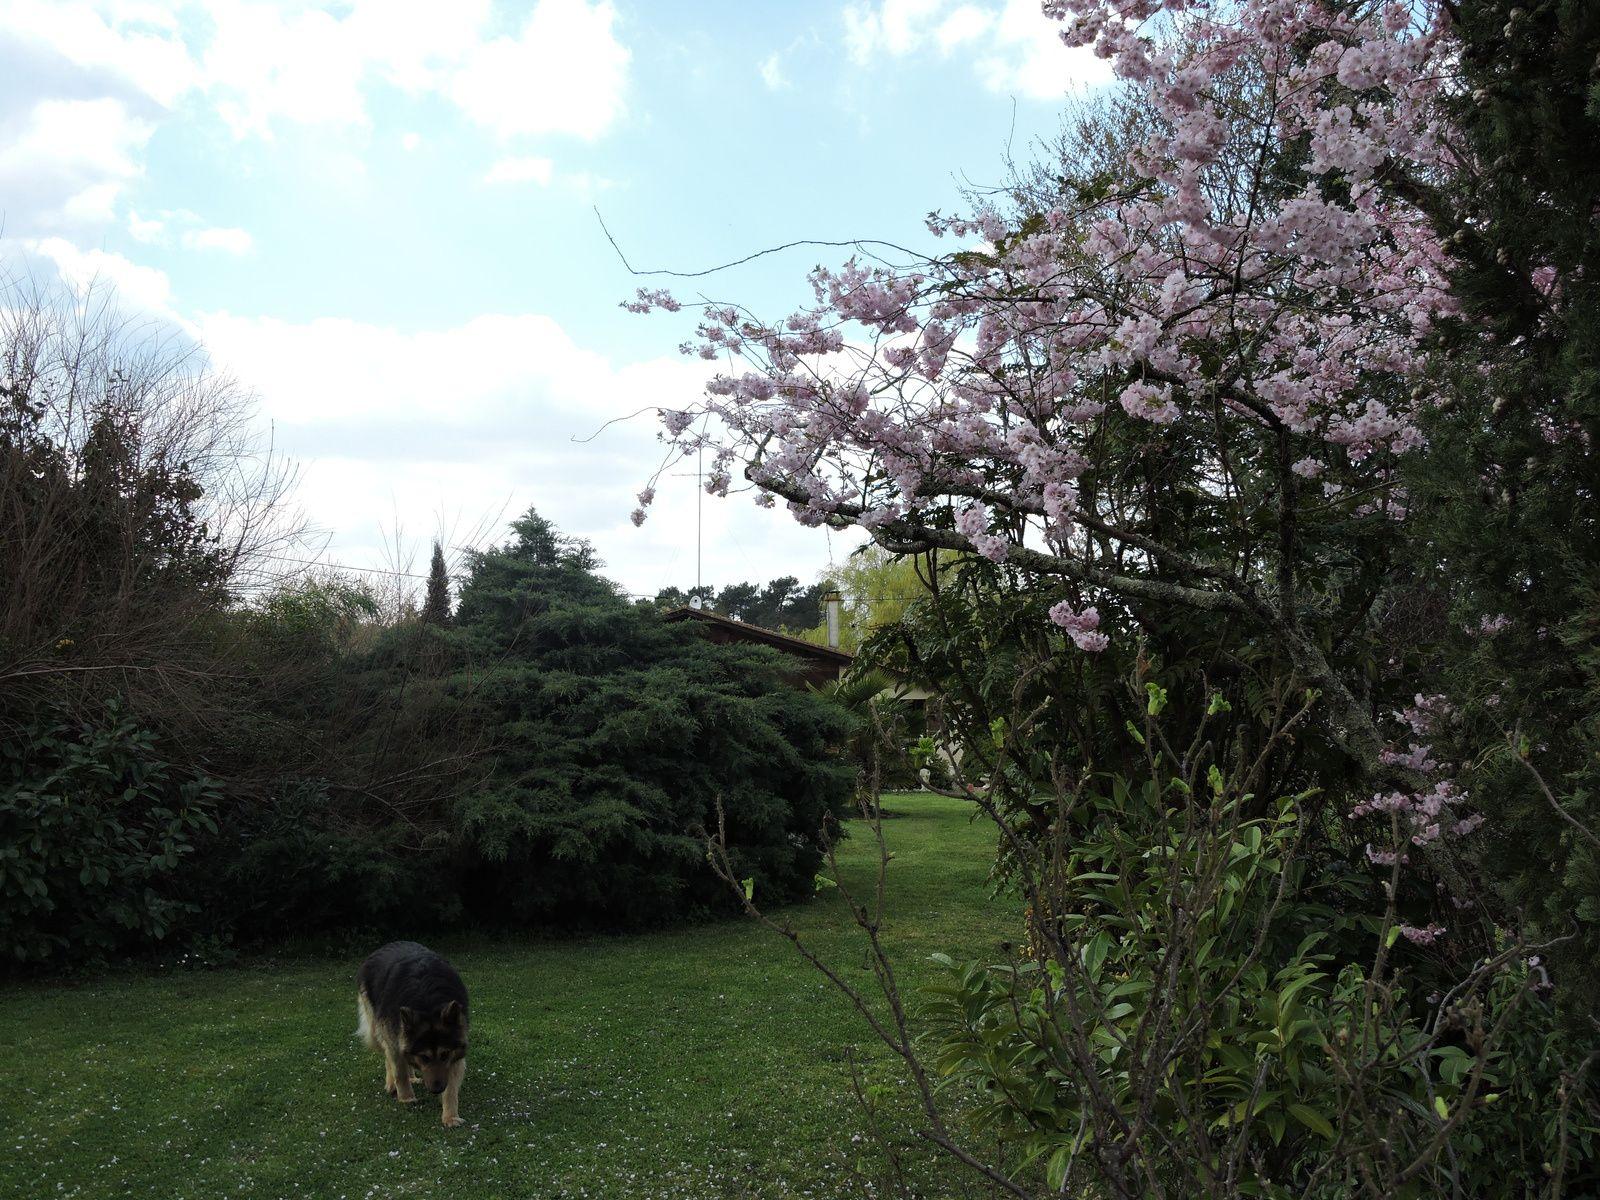 Le cerisier a été sérieusement taillé , il était devenu trop large ... les petites fleurs s'ouvrent de plus en plus chaque jour.